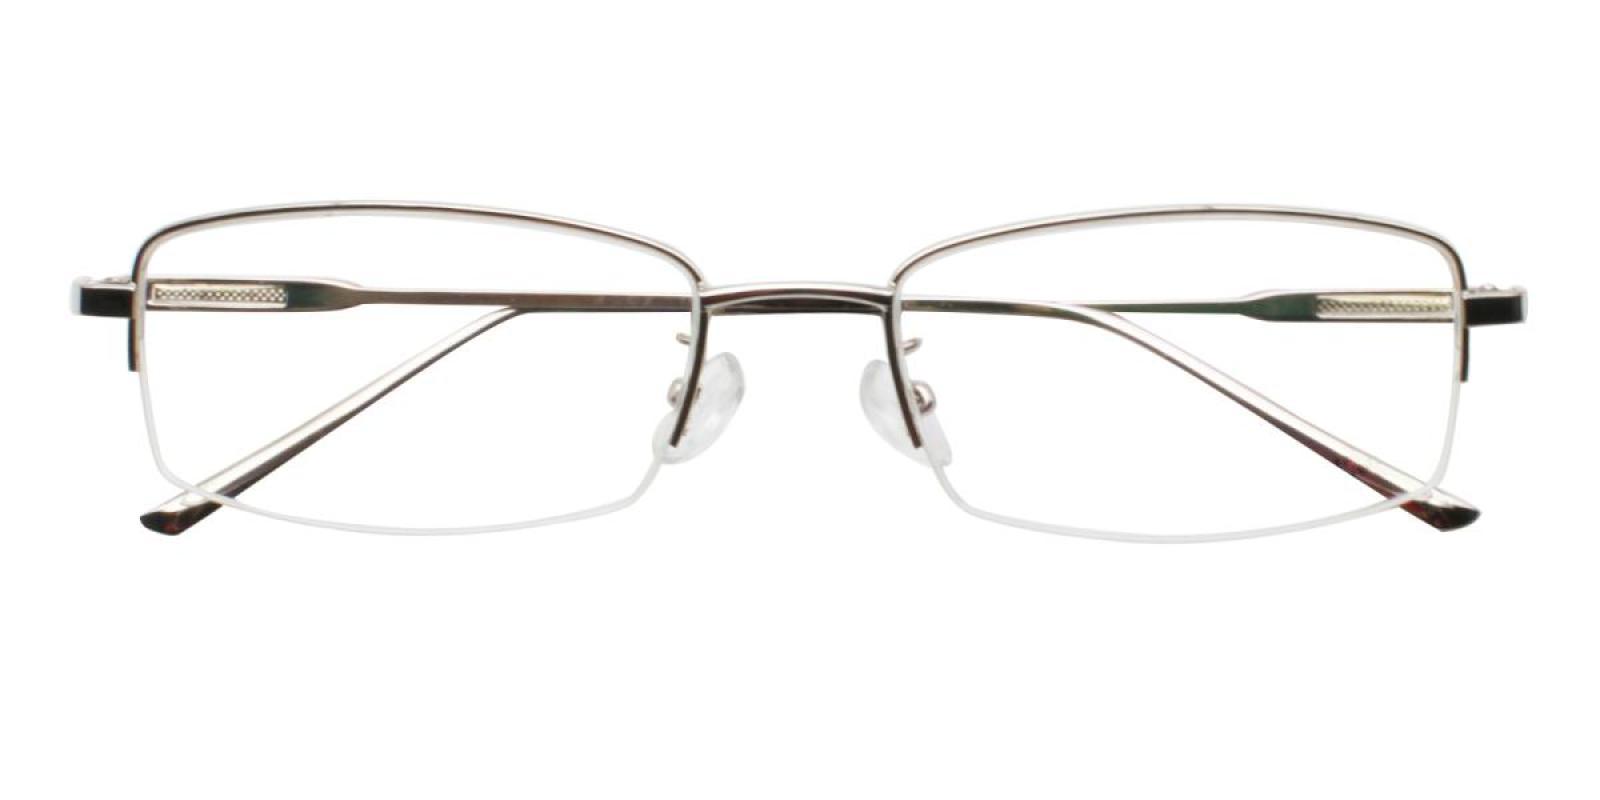 Germantown-Silver-Rectangle-Metal-Eyeglasses-detail